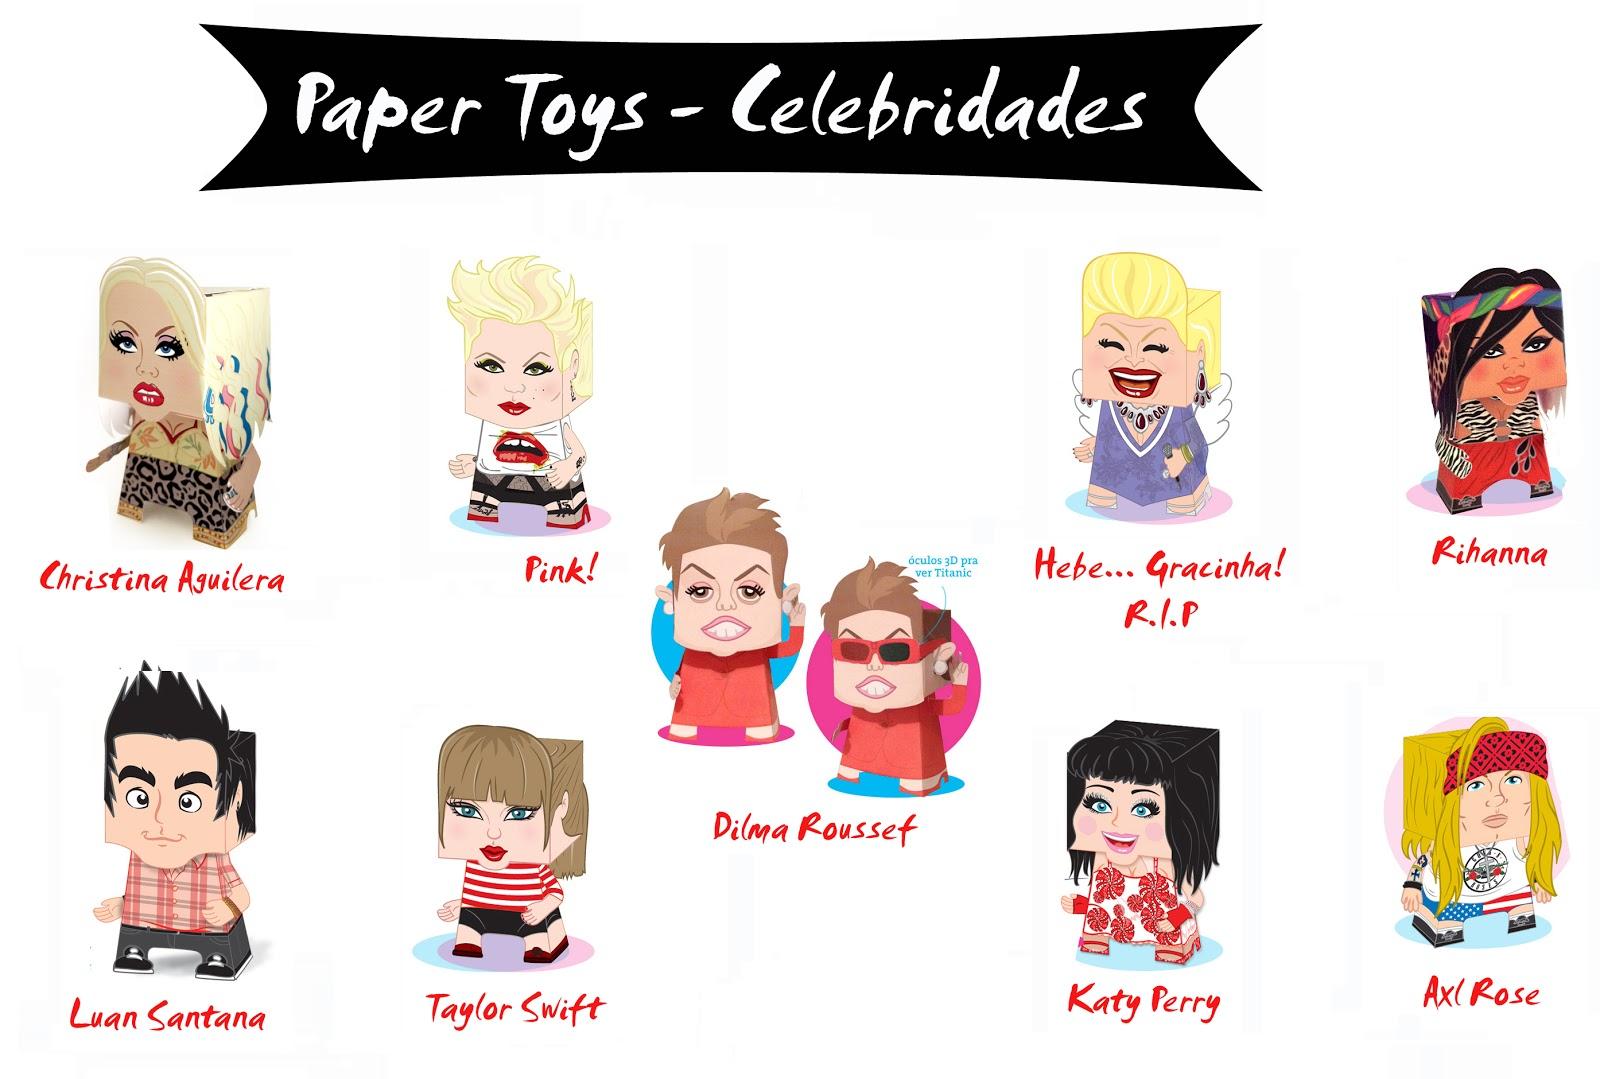 http://2.bp.blogspot.com/-oziUUXgsK0s/UH34ohGx62I/AAAAAAAABS0/0UoQqTkeXb0/s1600/toys+-+celebridades.jpg